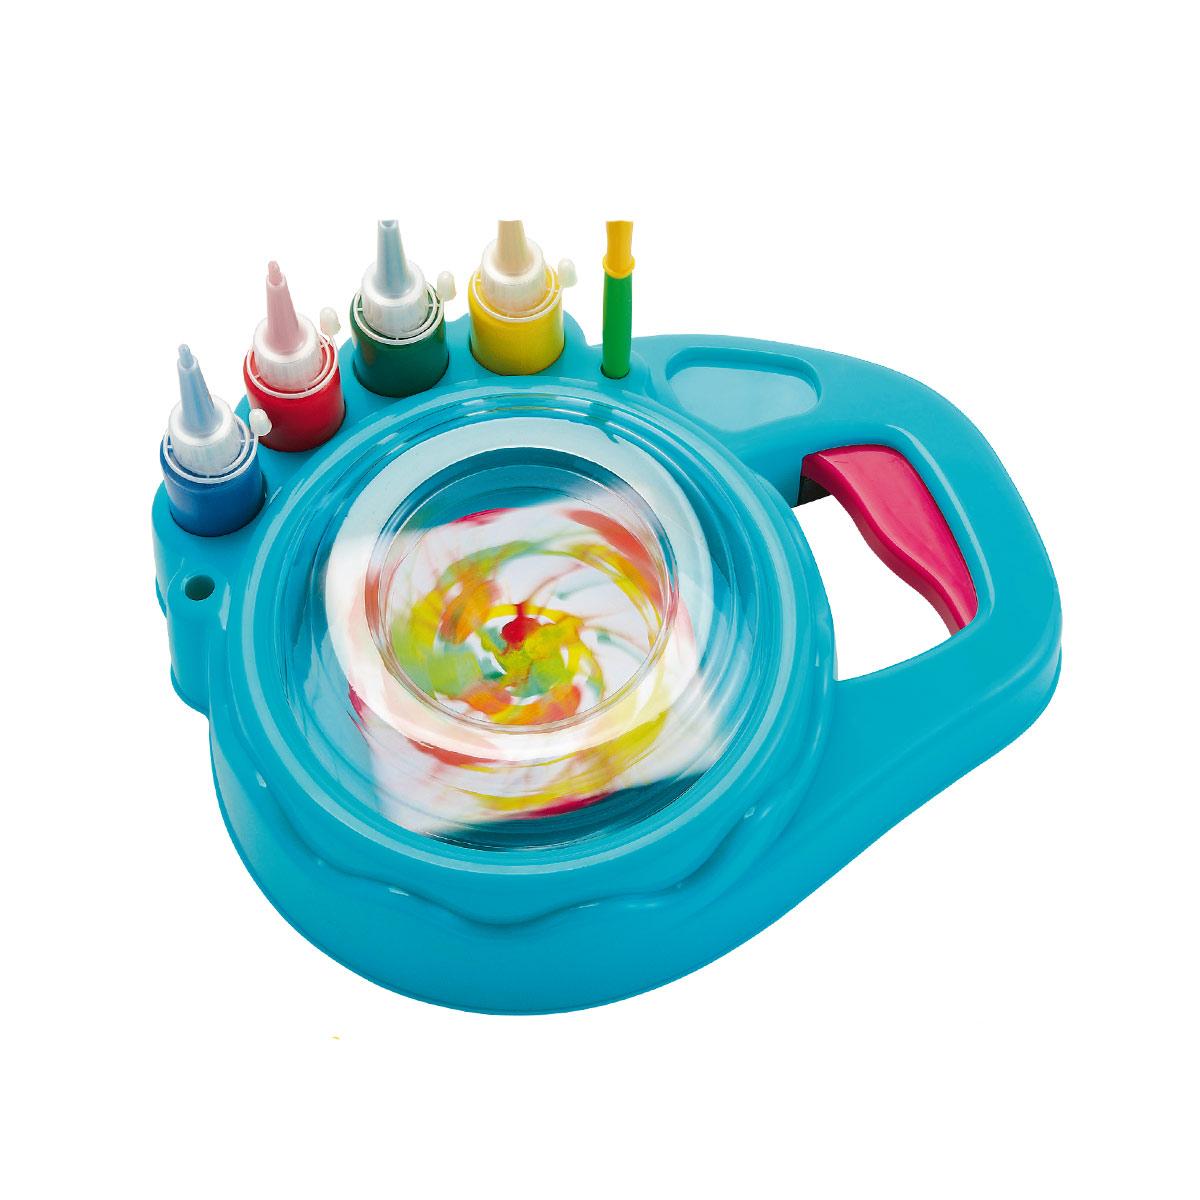 Twister Fun Peinture tout Jeux De Peinture En Ligne Gratuit Pour Fille